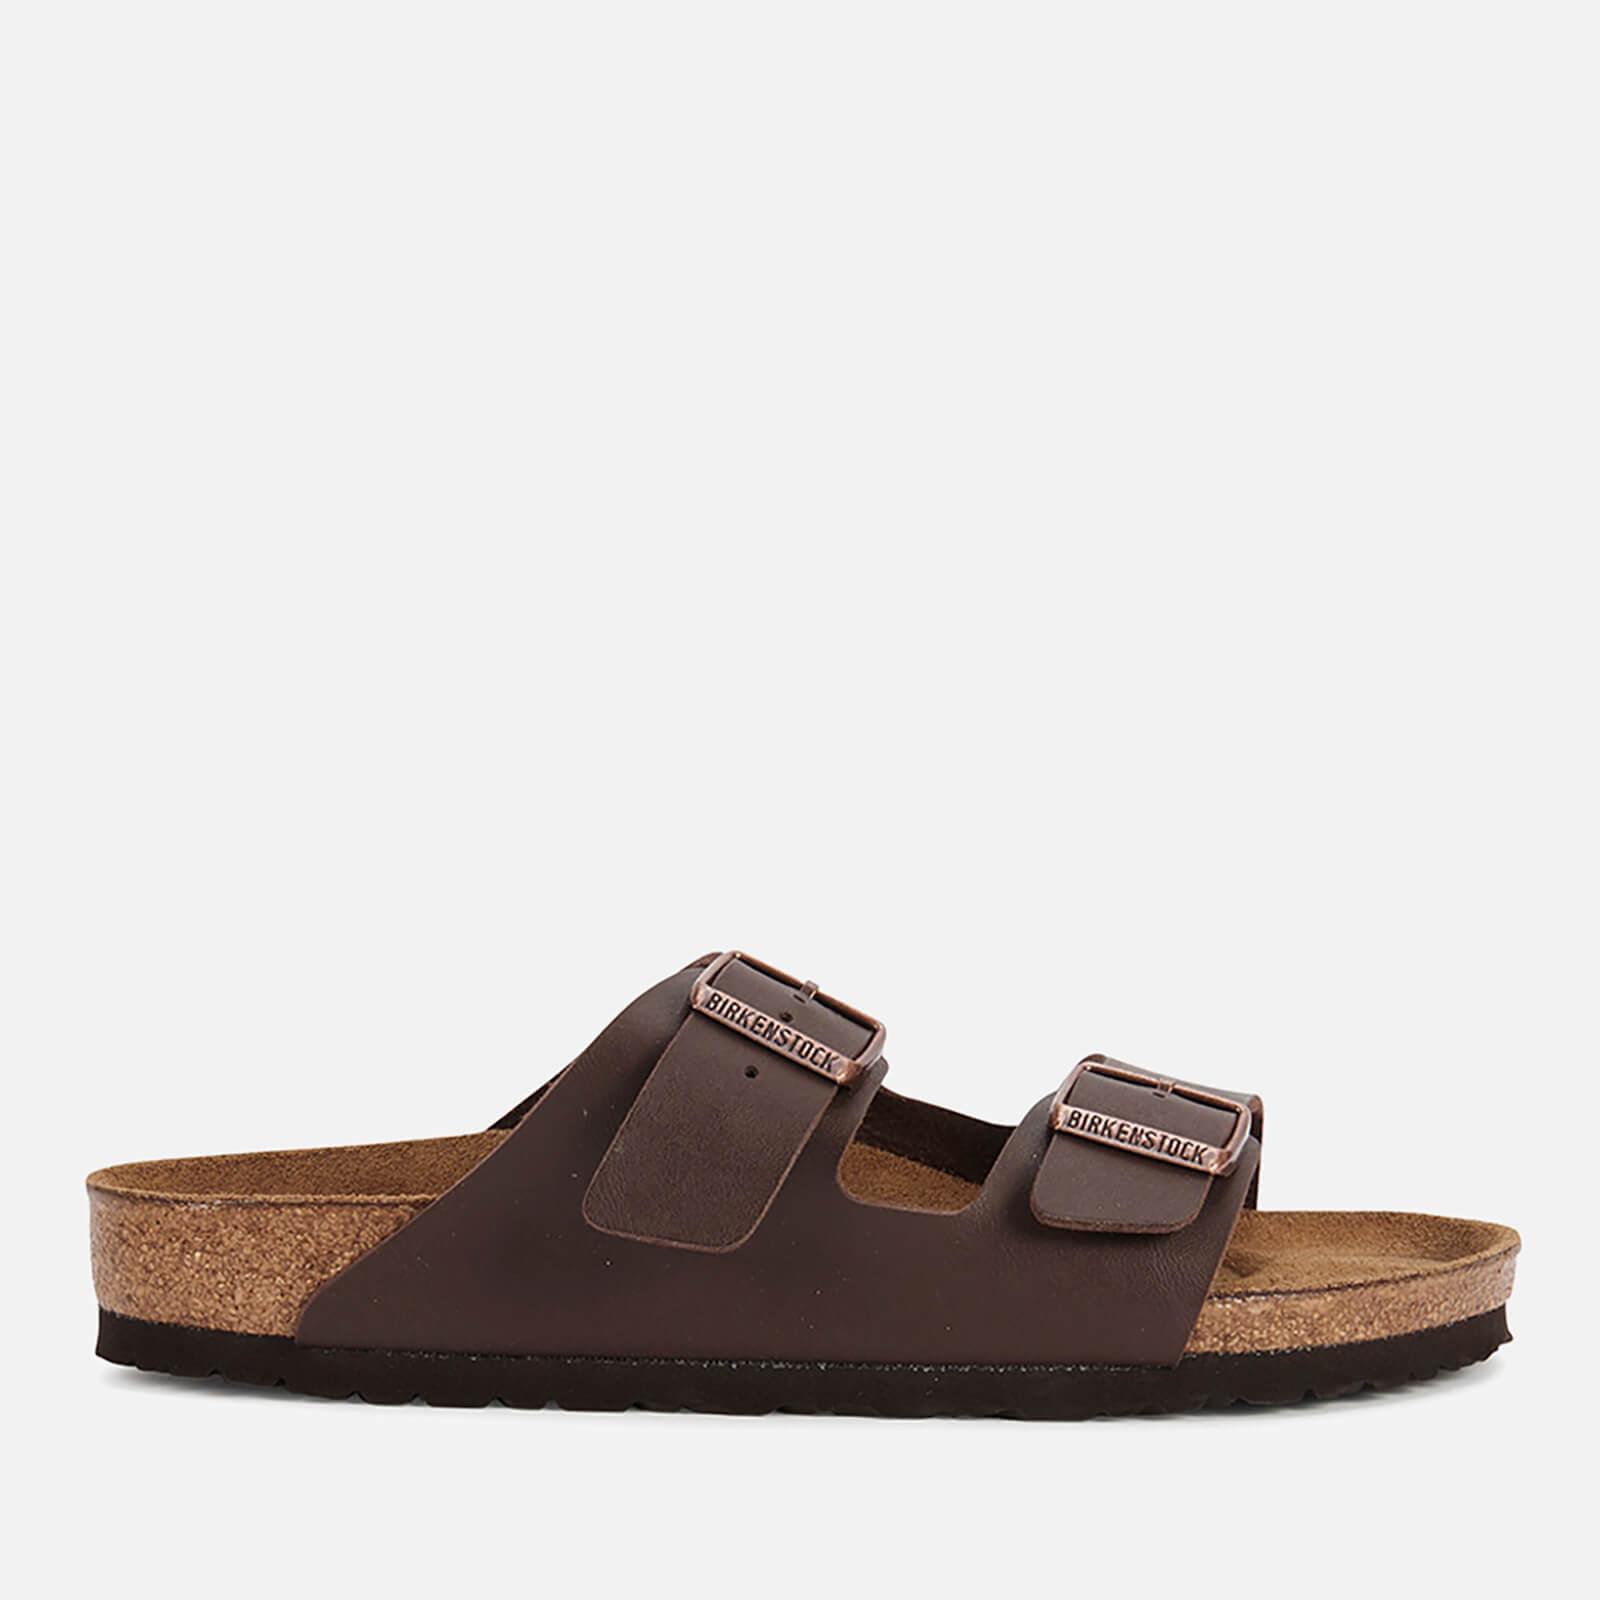 Birkenstock Men's Arizona Double Strap Sandals - Dark Brown - EU 45/UK 10.5